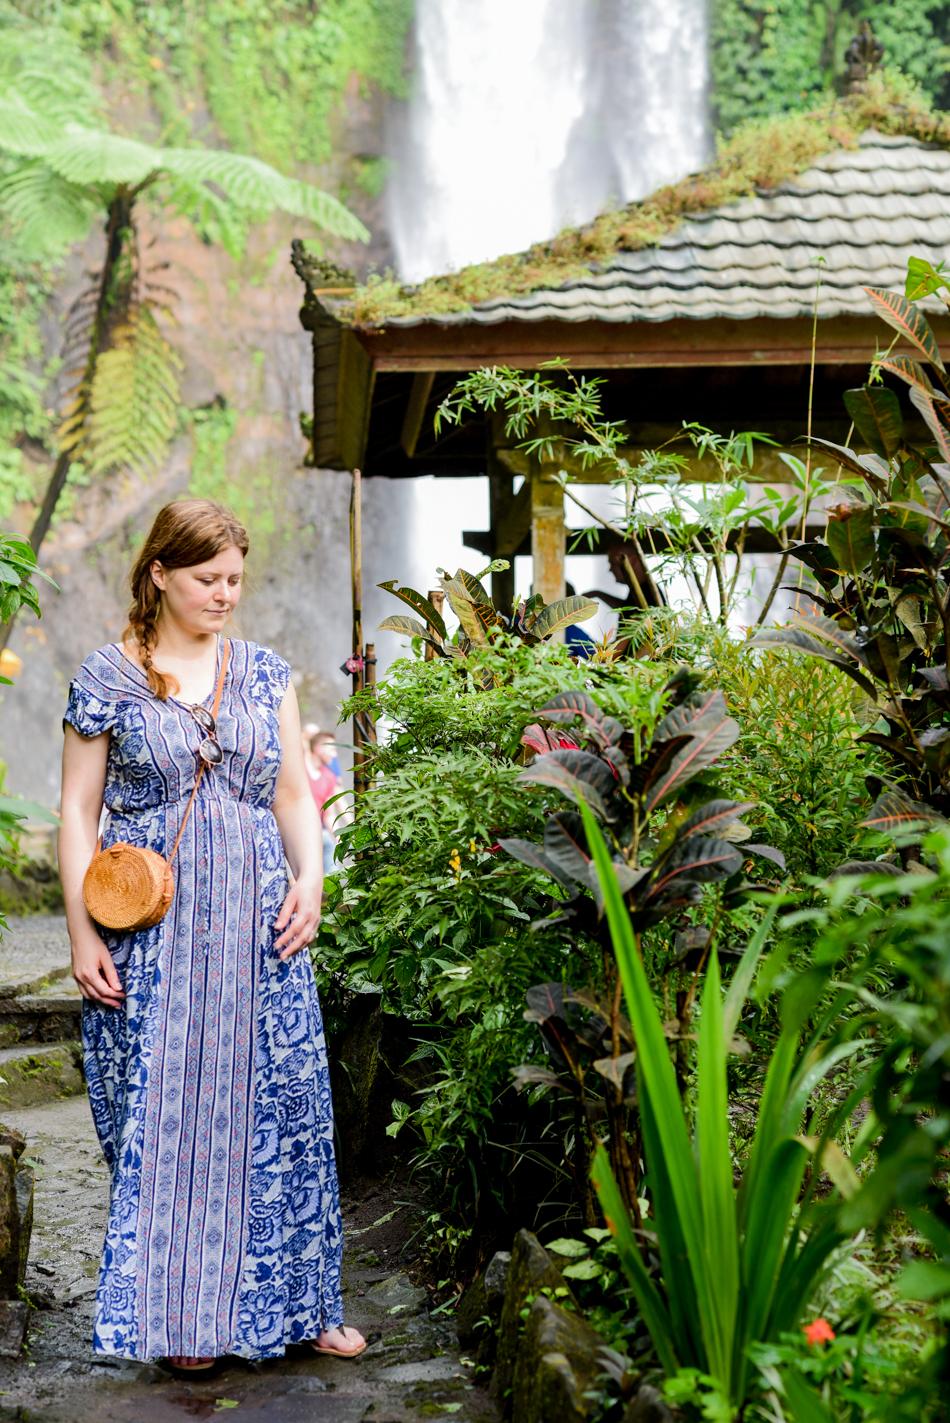 Bali-Honeymoon-Travel-AnaisStoelen-54.jpg